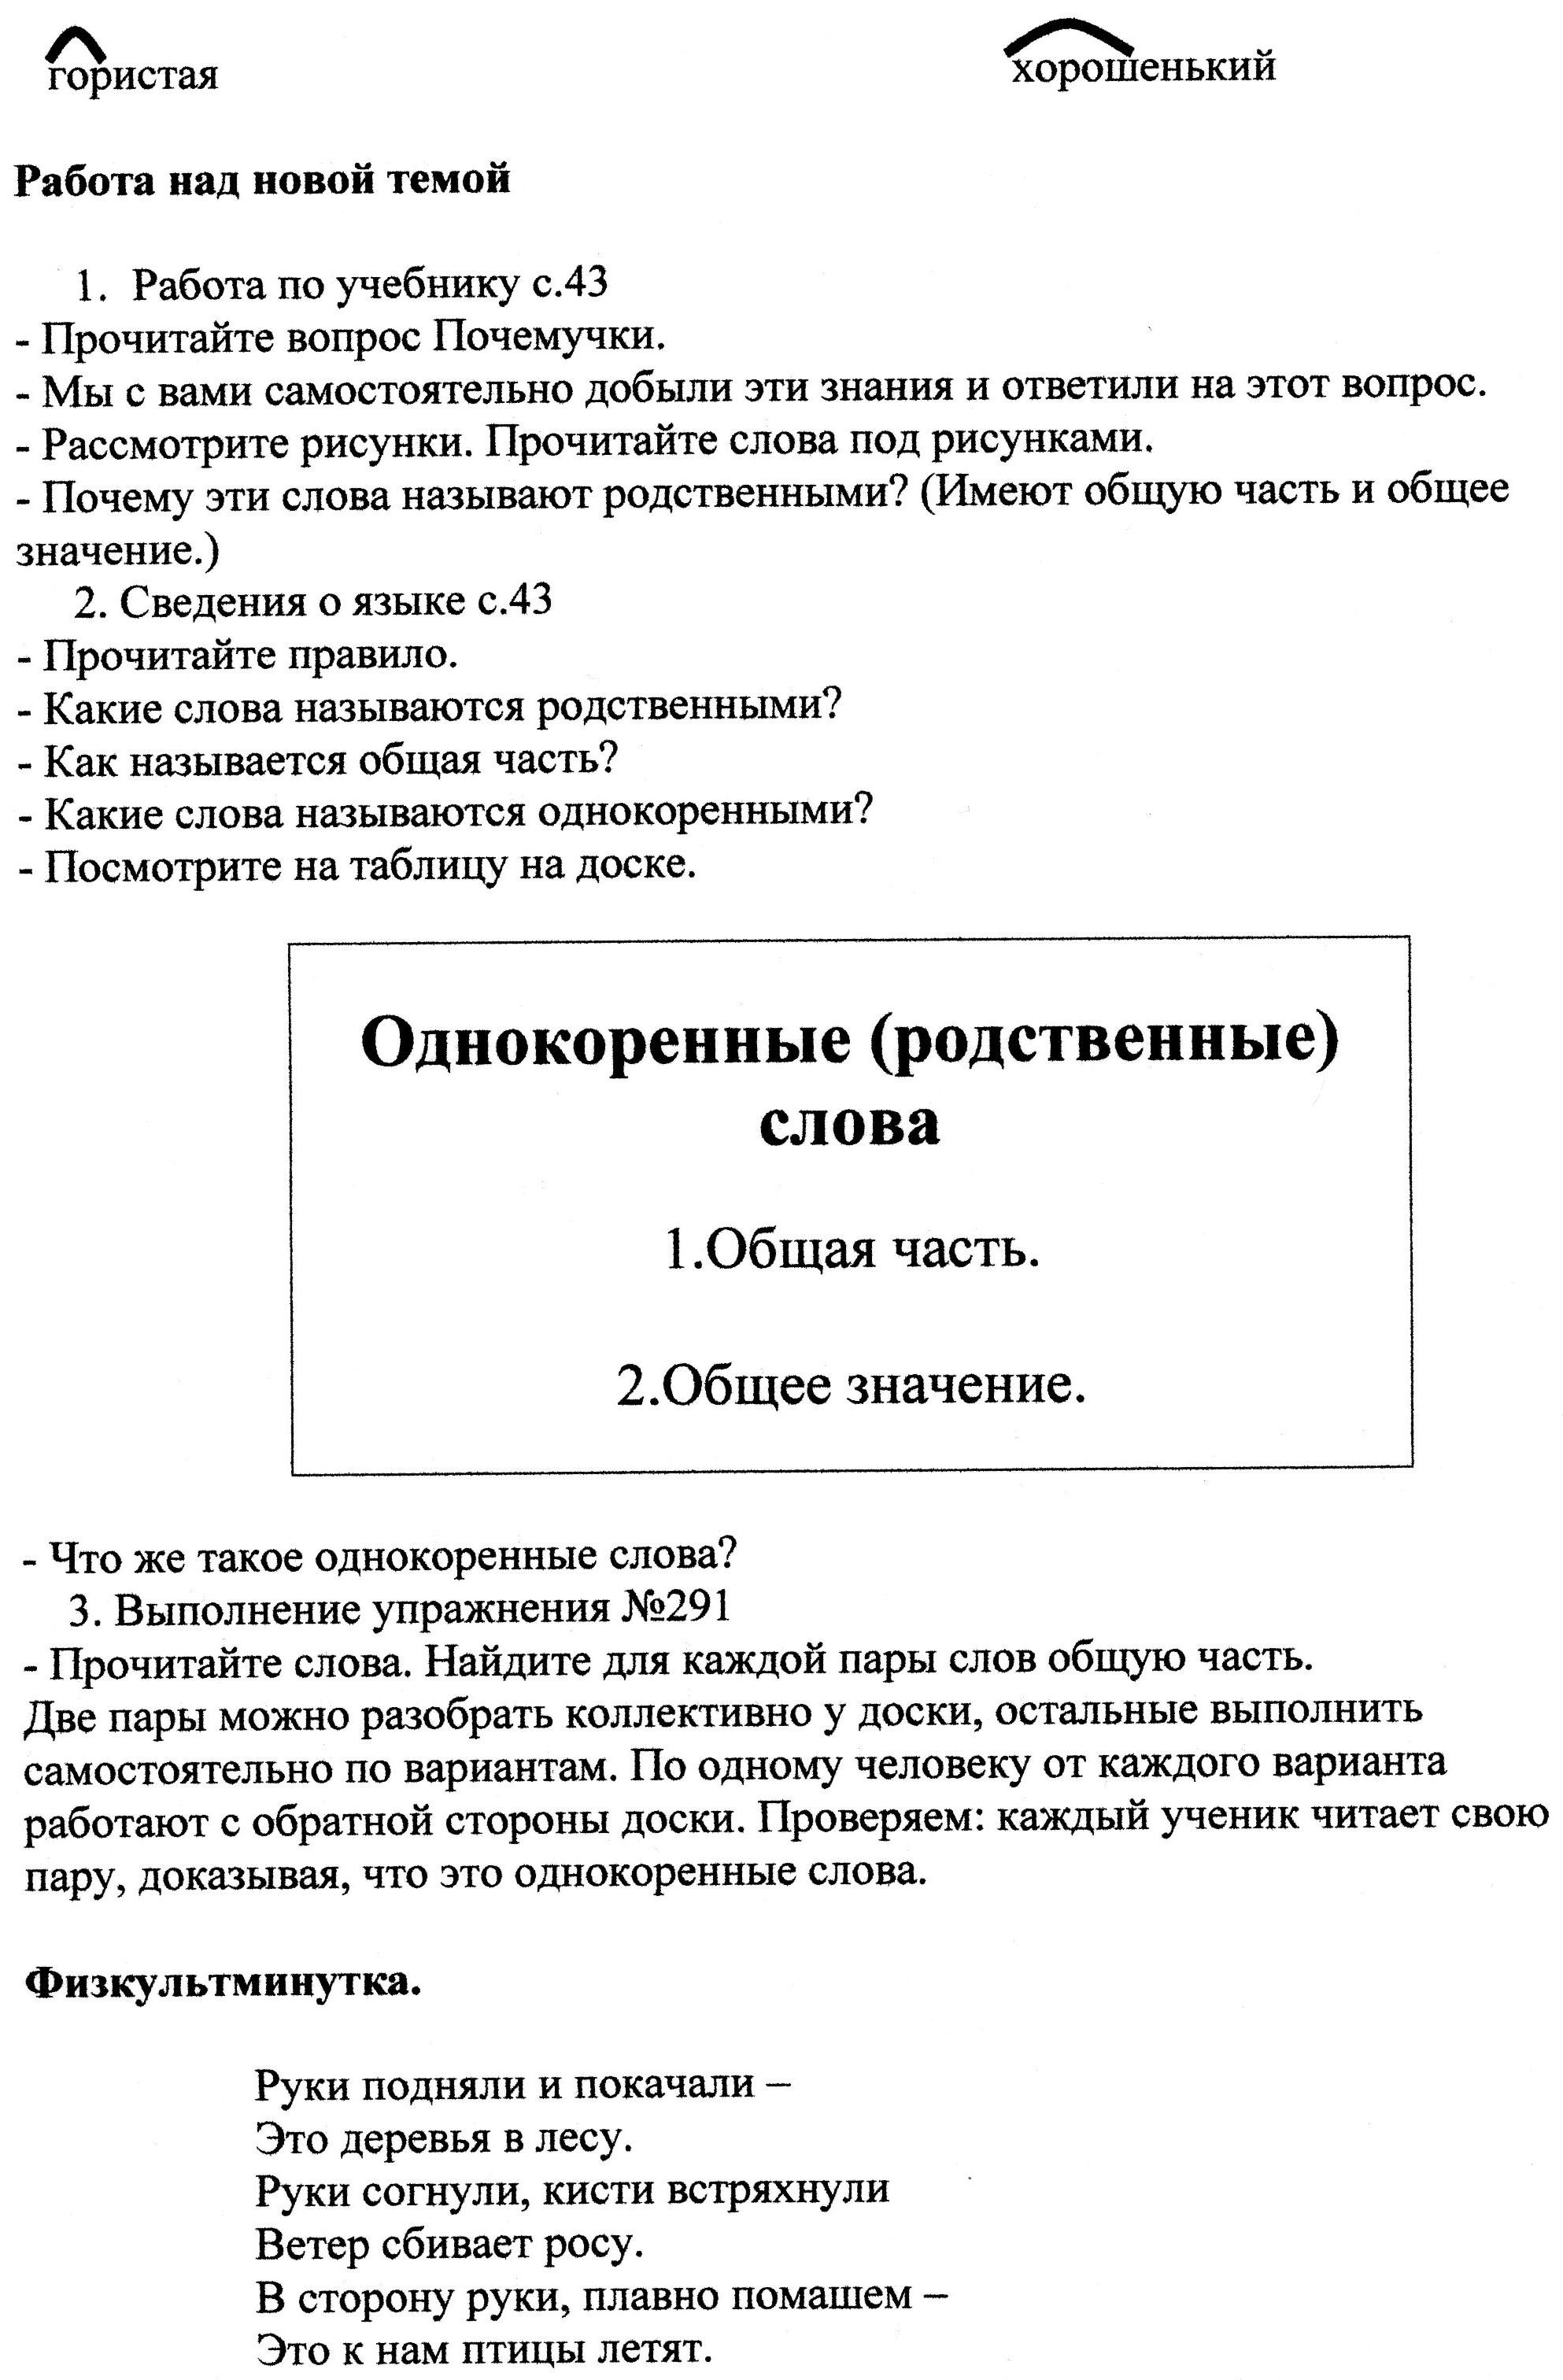 D:\курсы повышения квалификации\Галина\img229.jpg